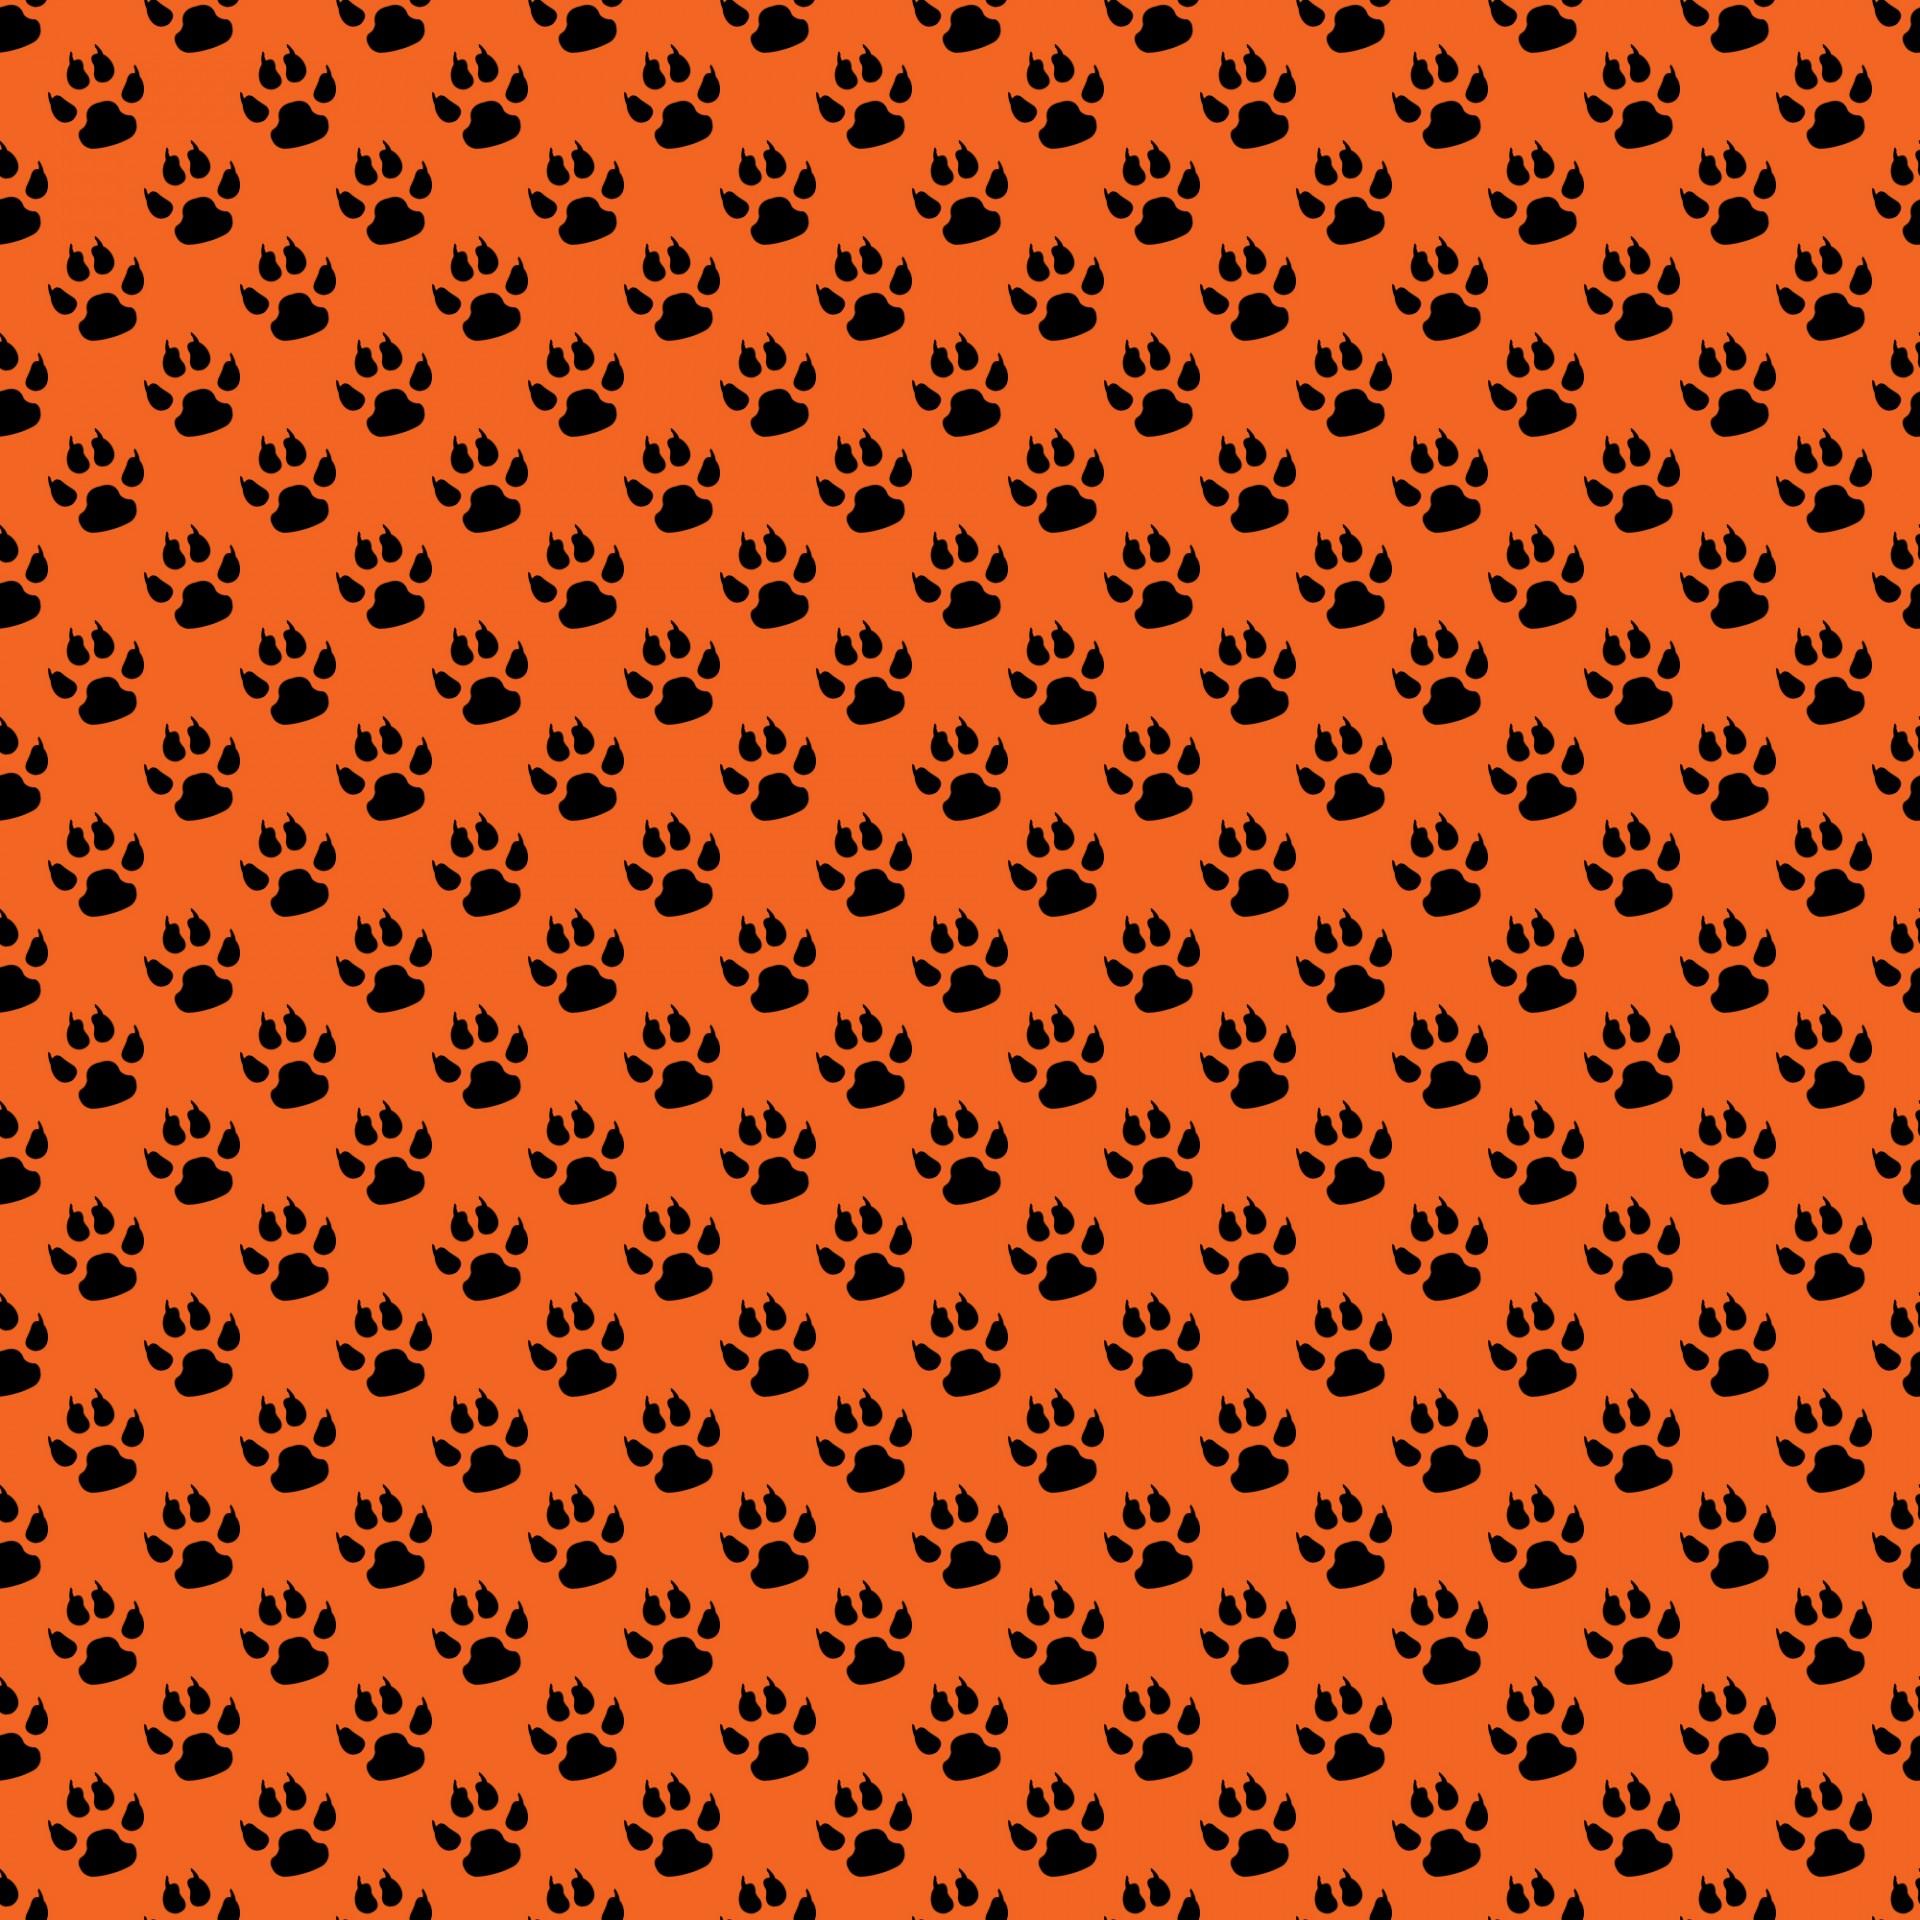 paw prints,background,wallpaper,pattern